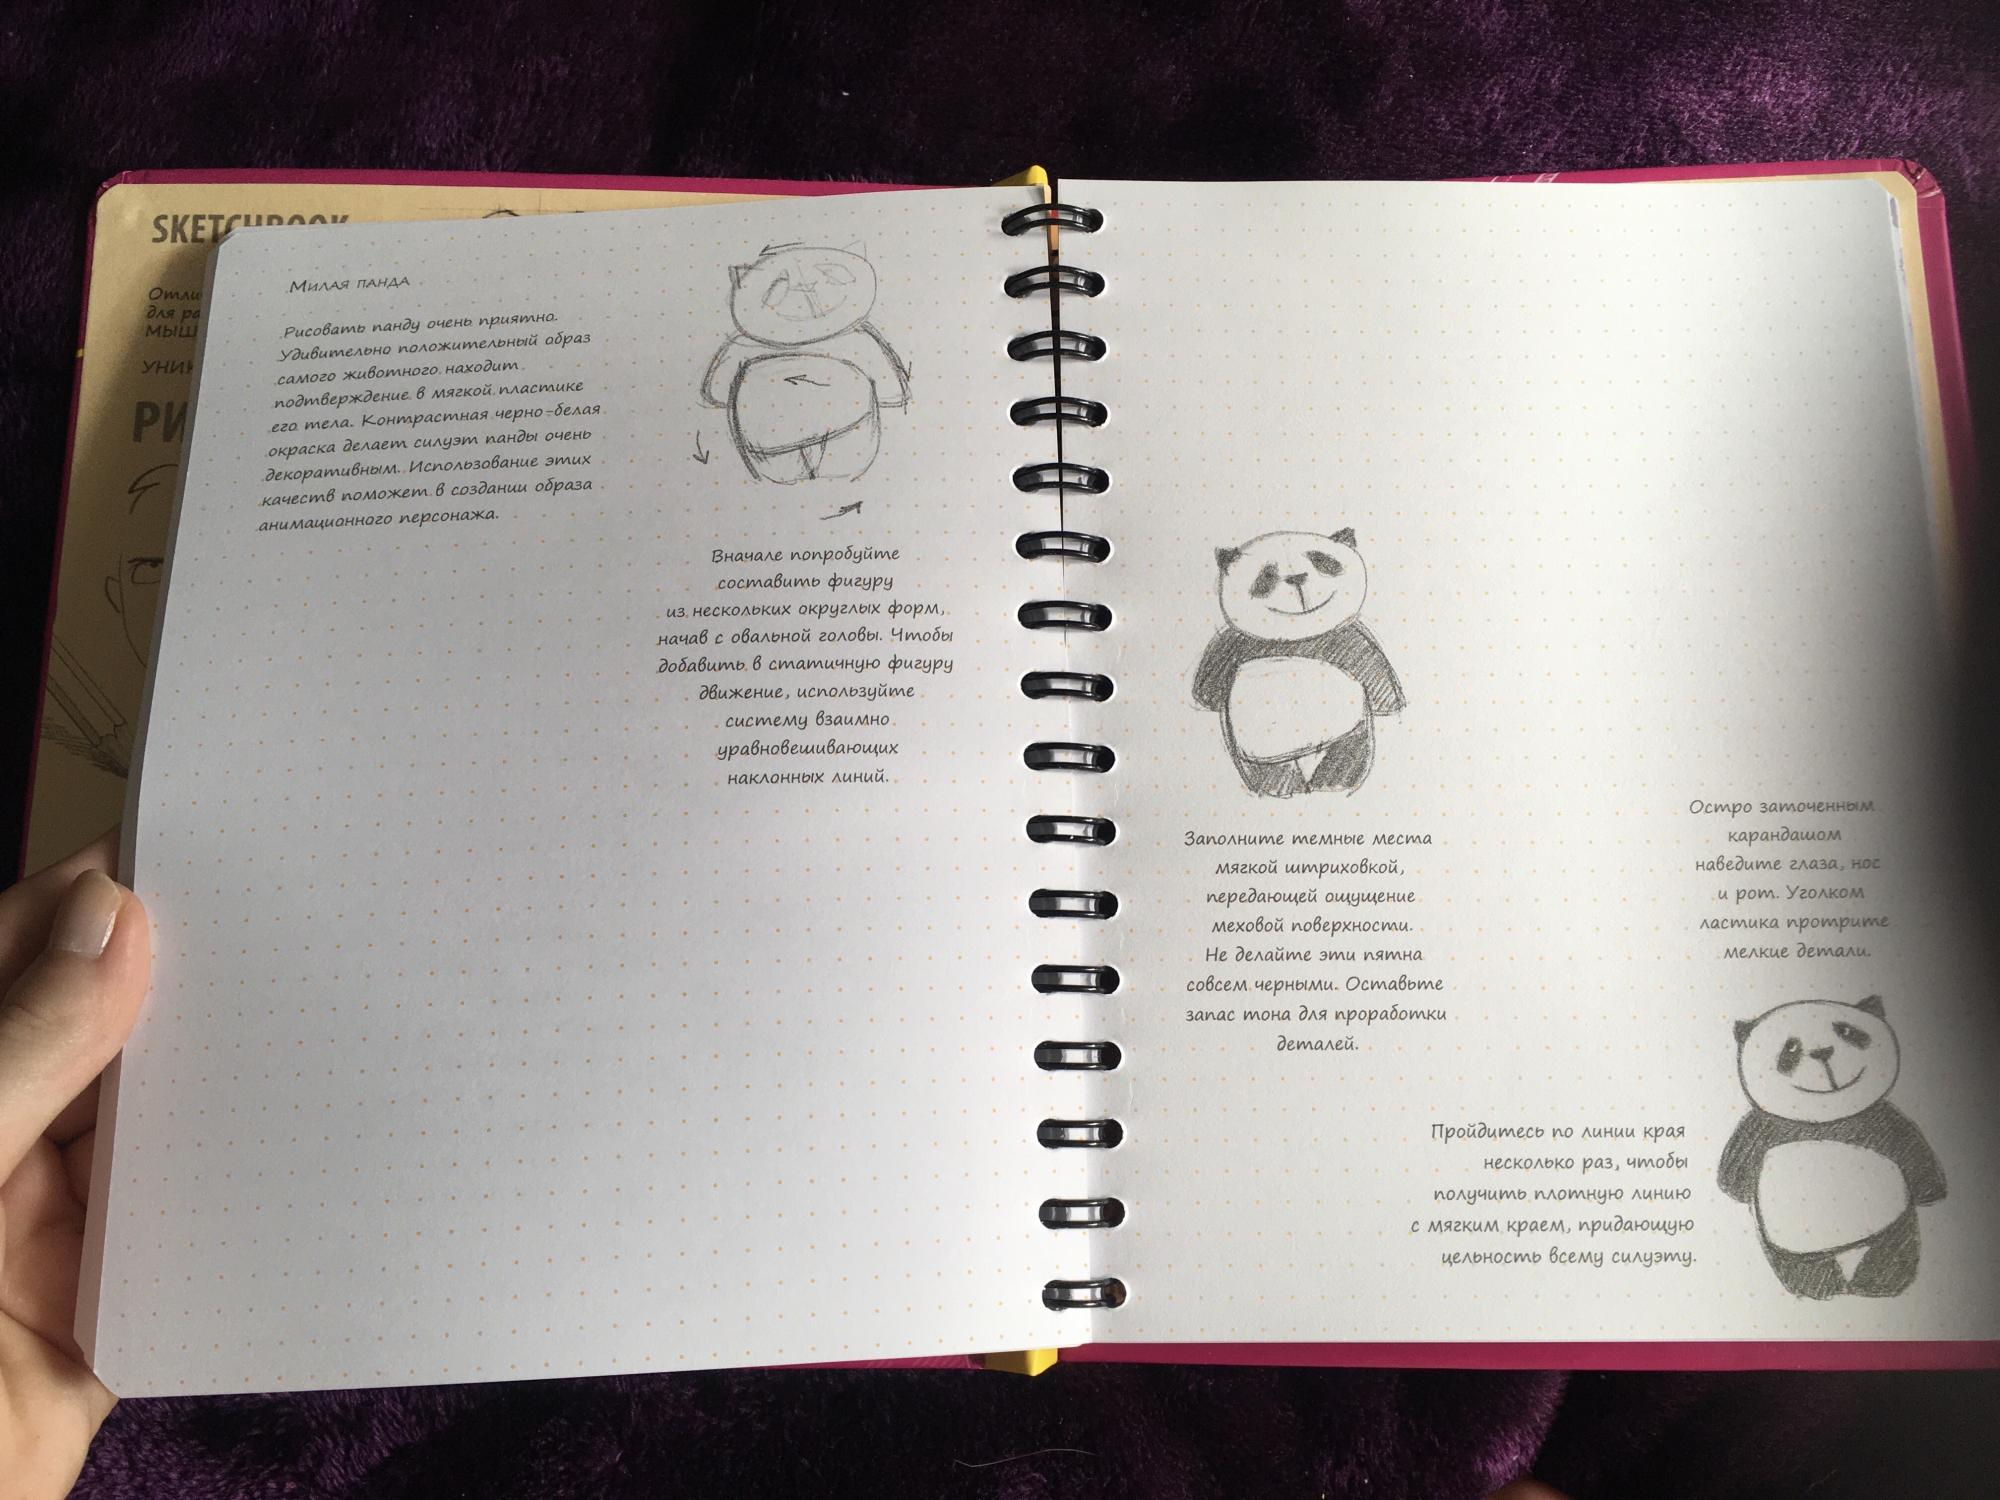 Sketch book базовый в Москве 89775750389 купить 5